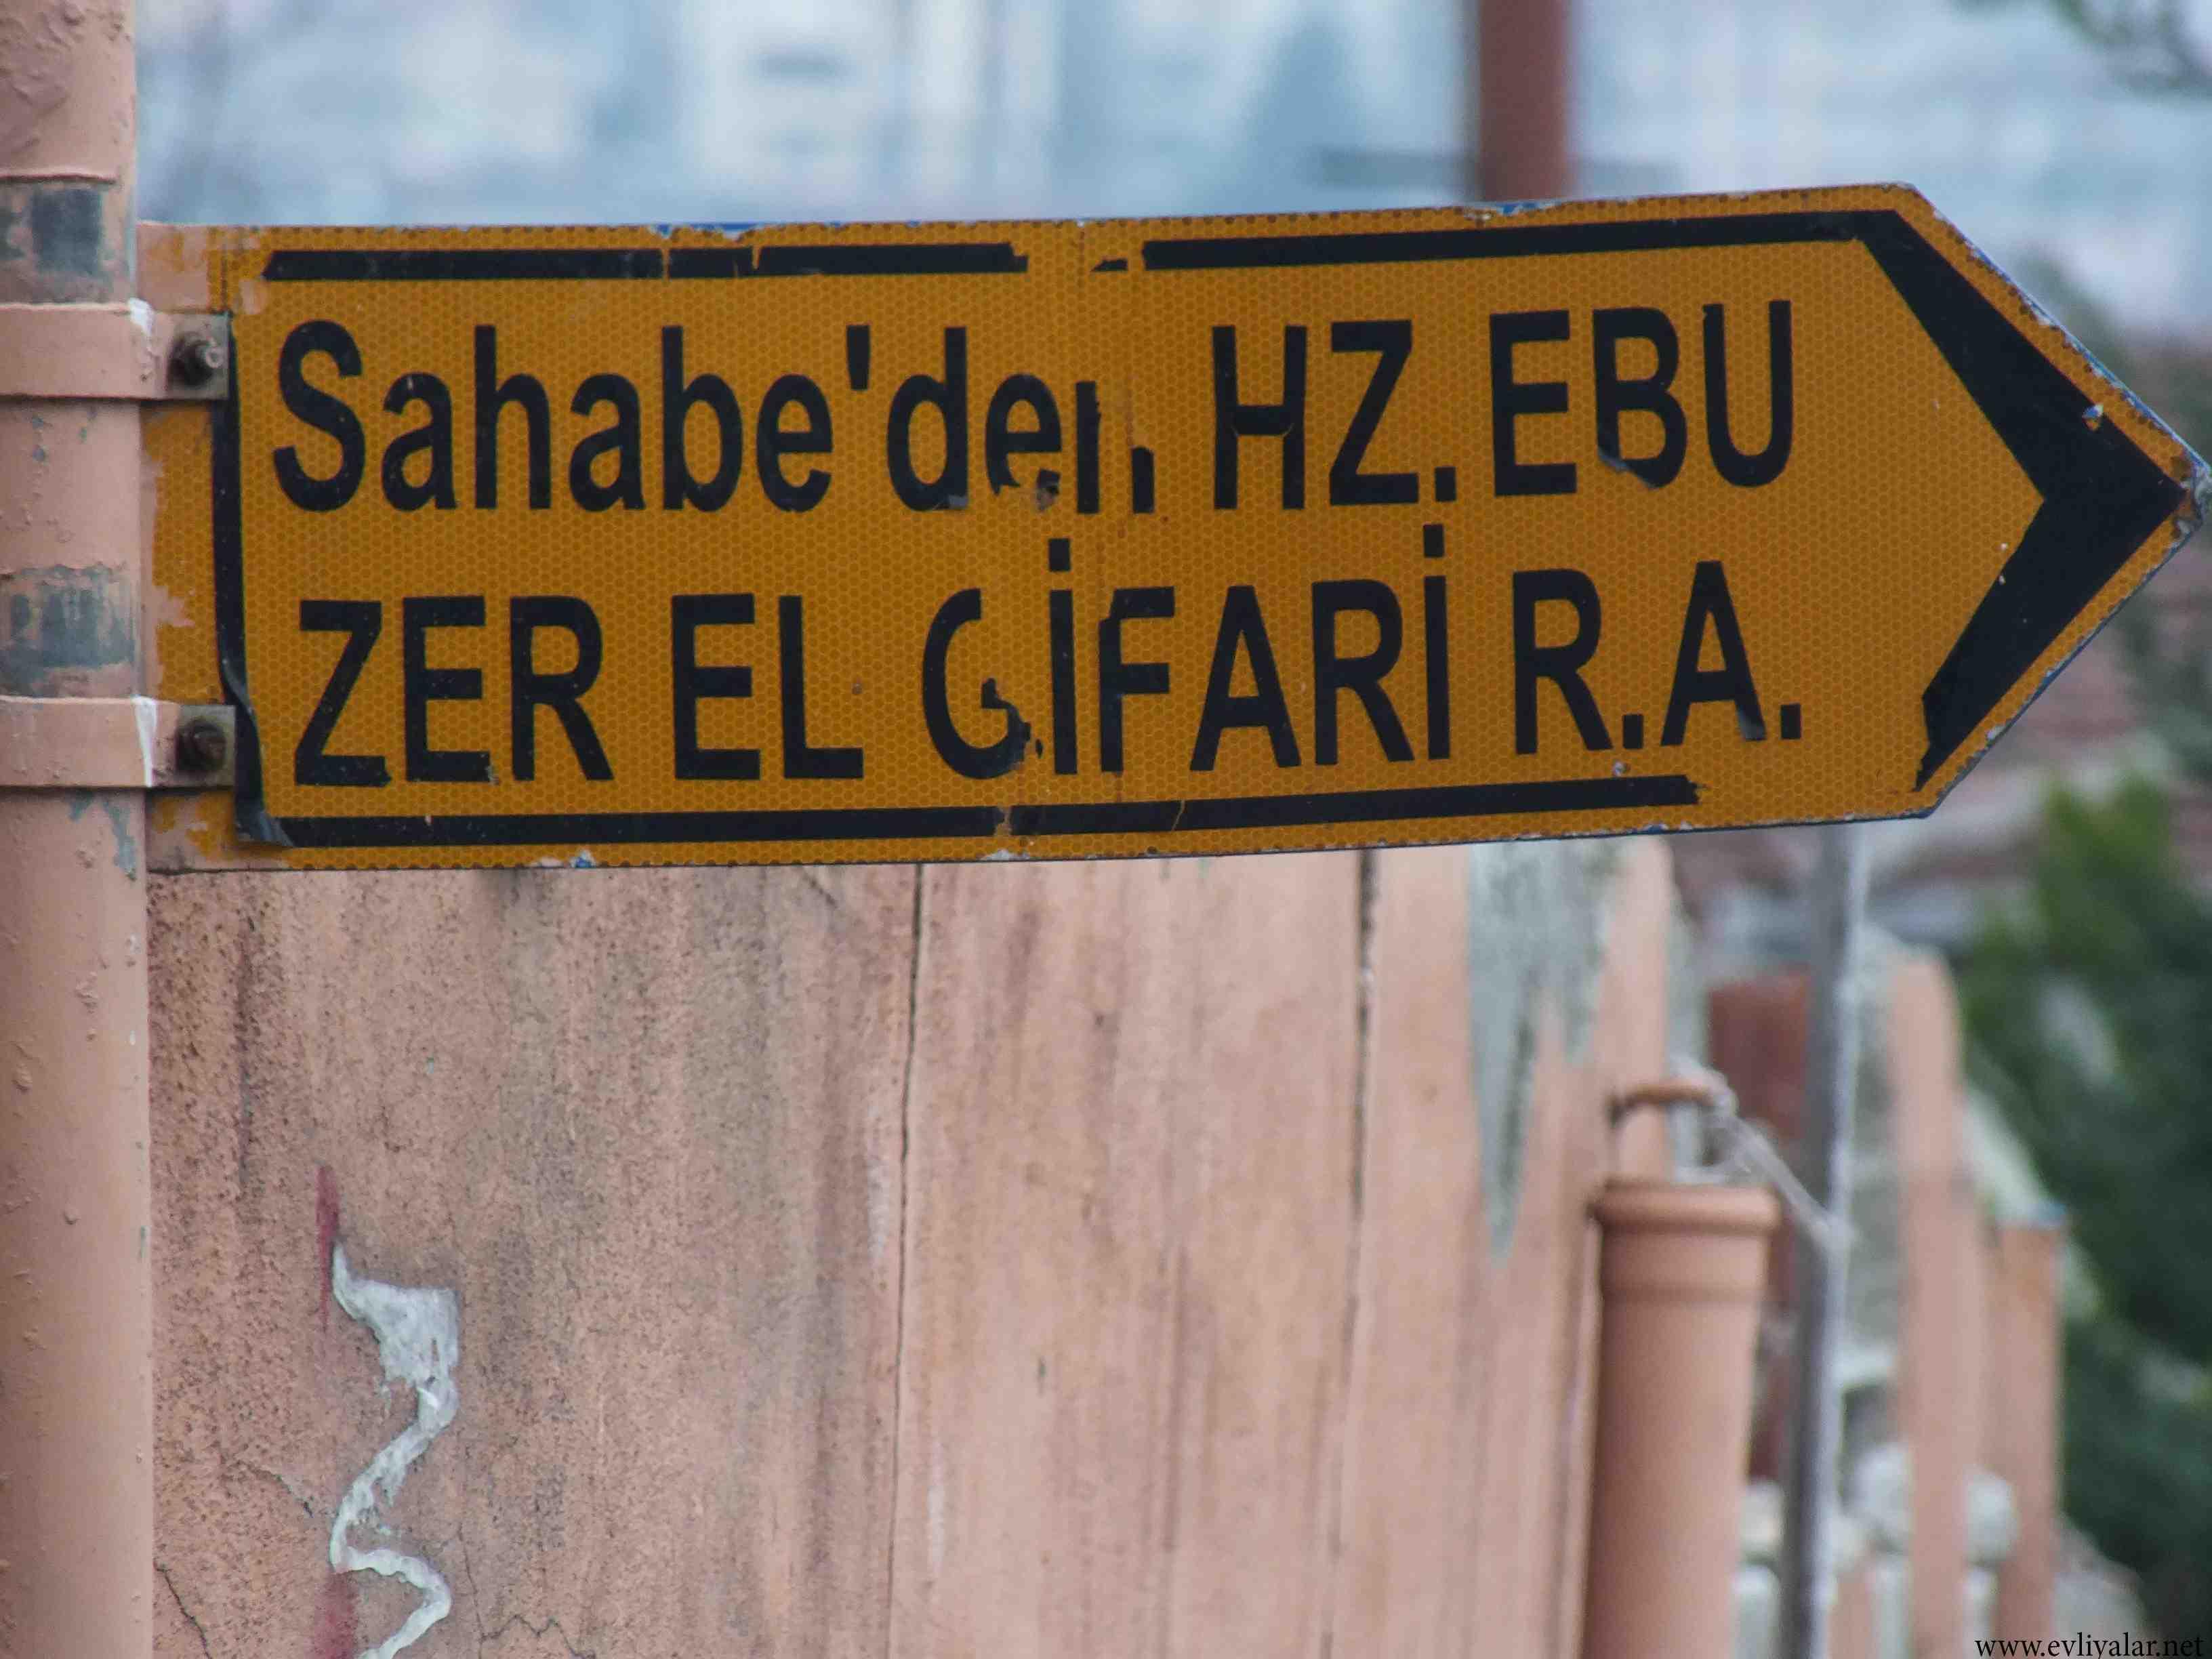 Ebu Zerr Gifari